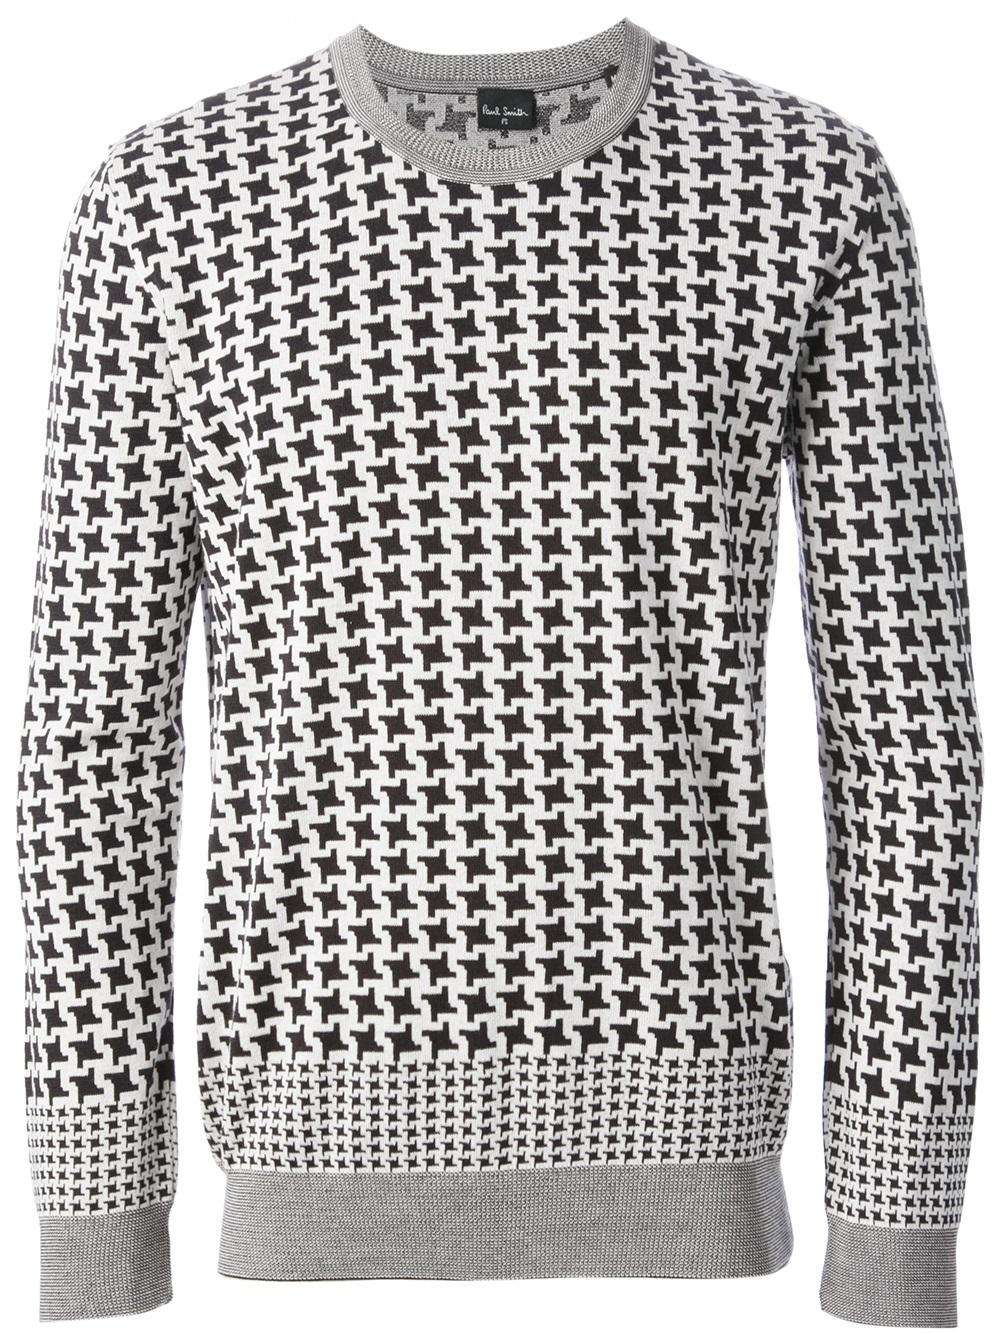 Hasil gambar untuk Printed Sweater